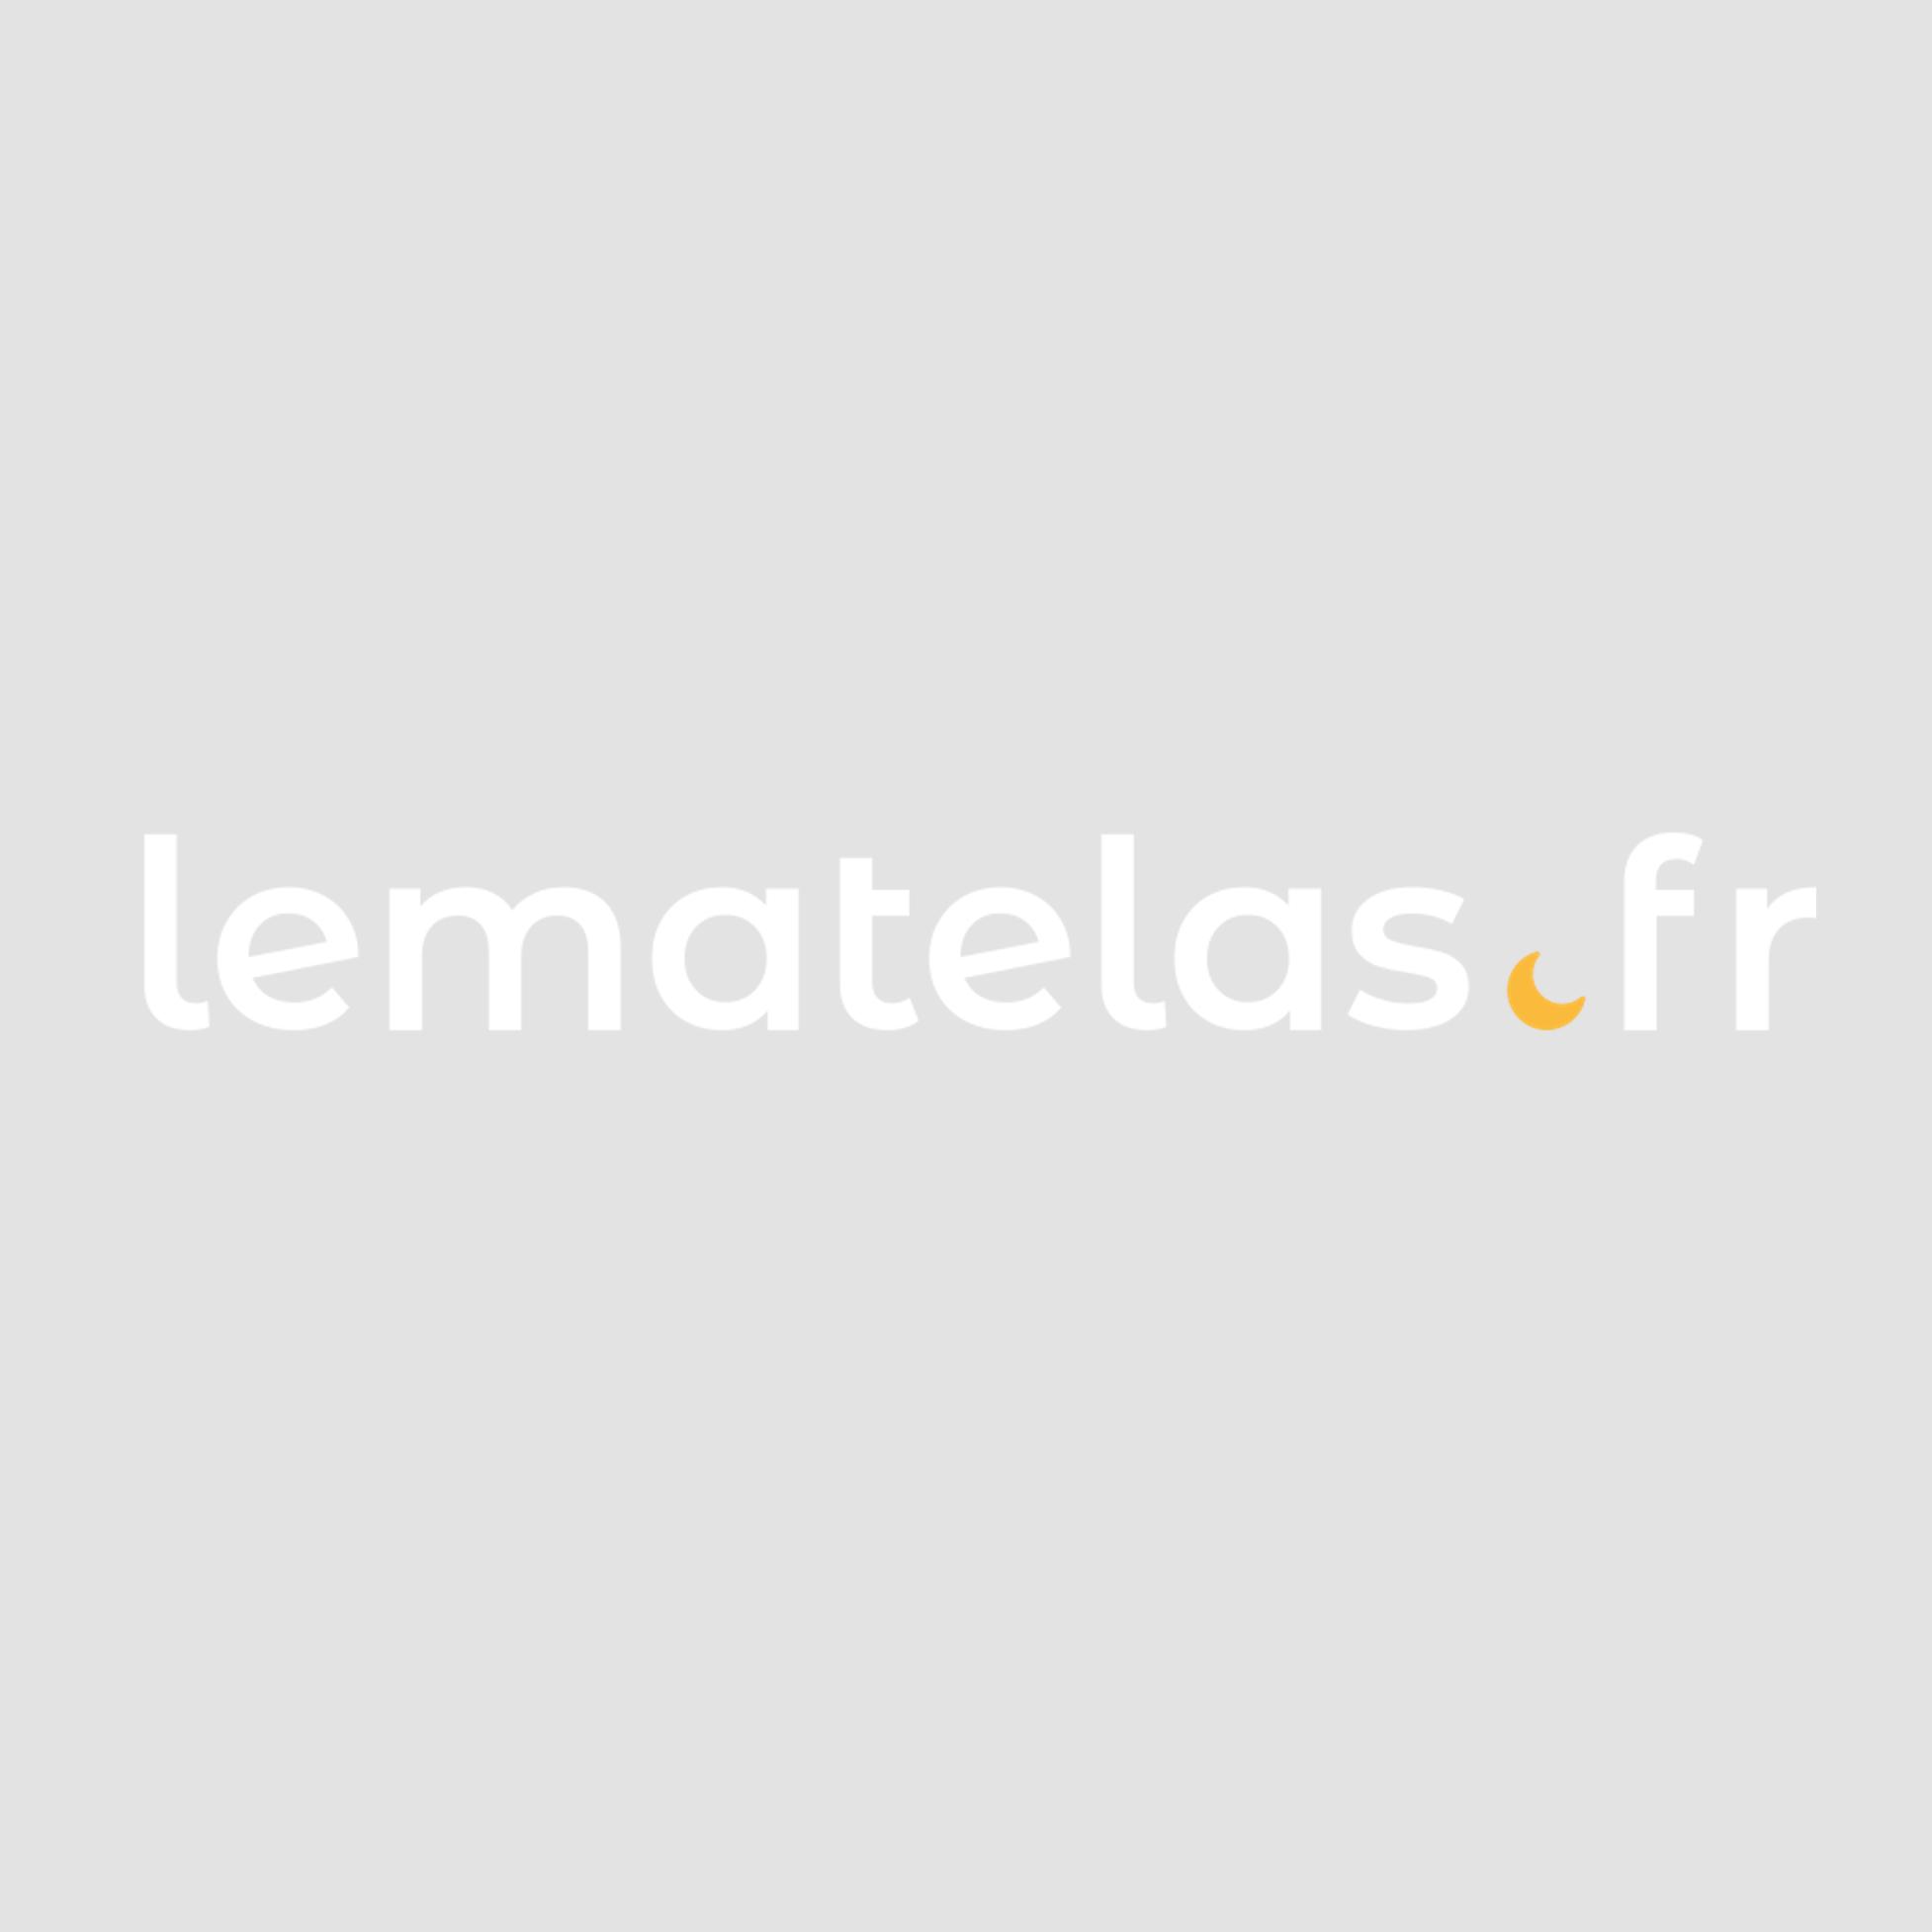 SweetNight Lot de 2 protèges oreillers très épais coton anti-acariens imperméables qualité hôtellerie de luxe 65x65 cm